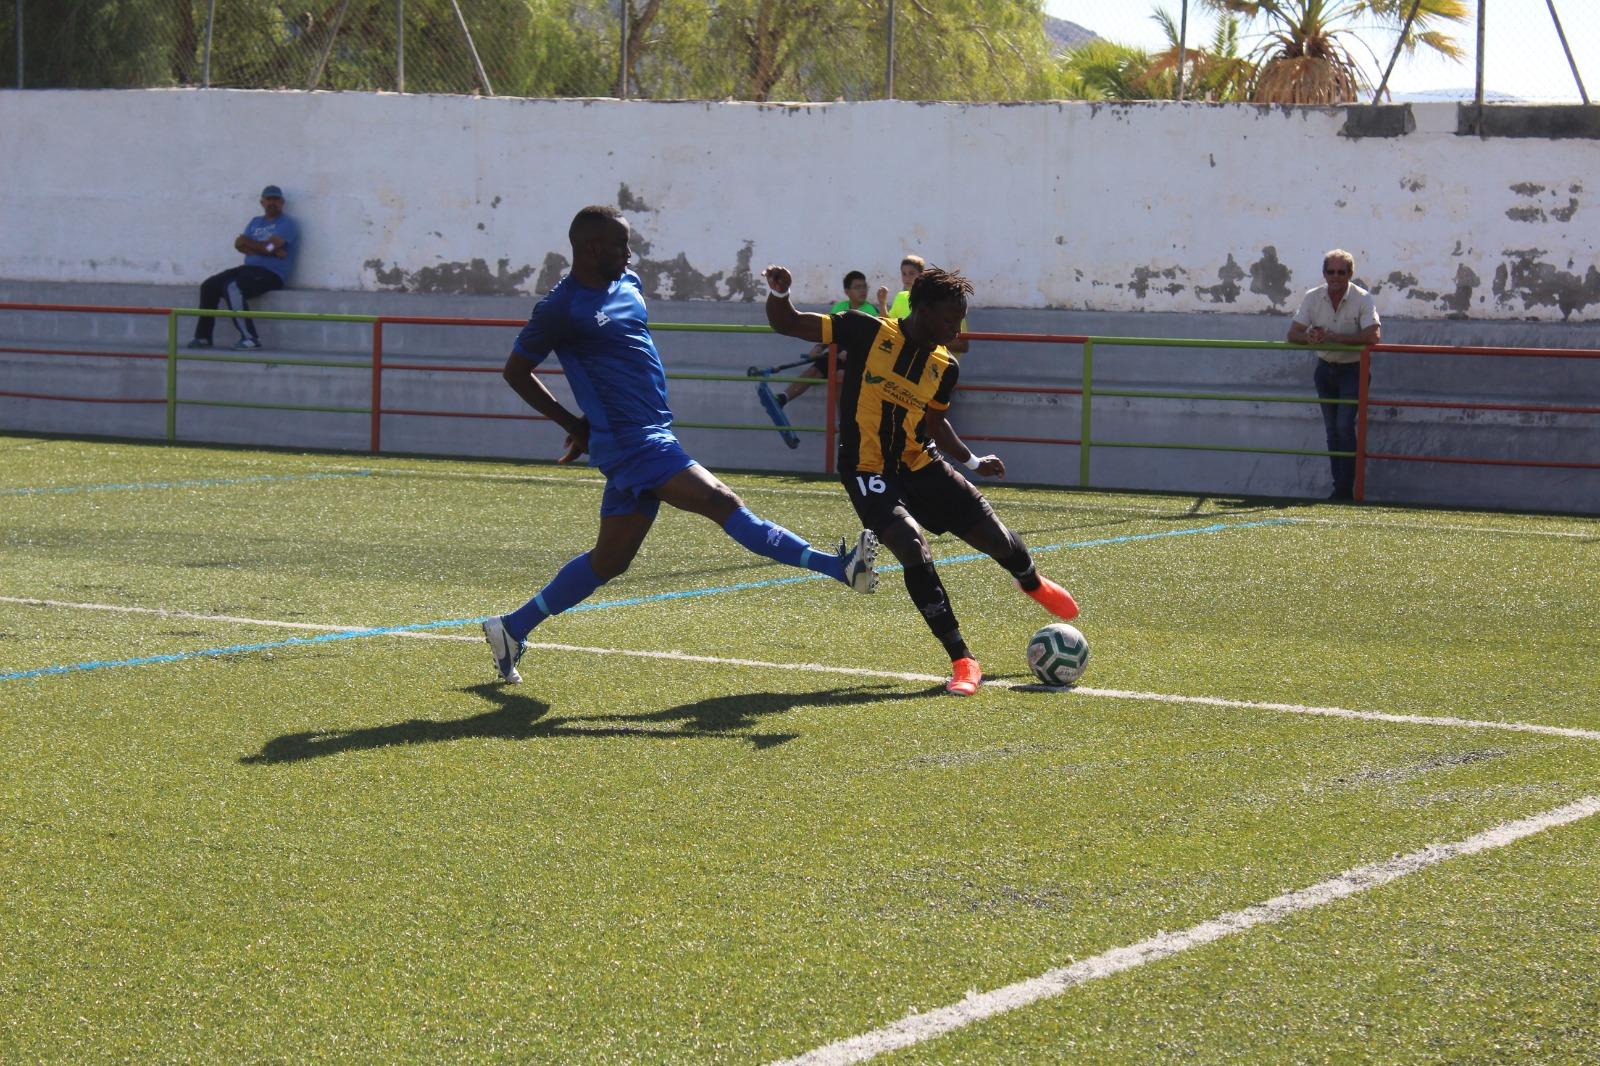 Nueva derrota para el Berja CF en el municipal de San Pedro (1-0)